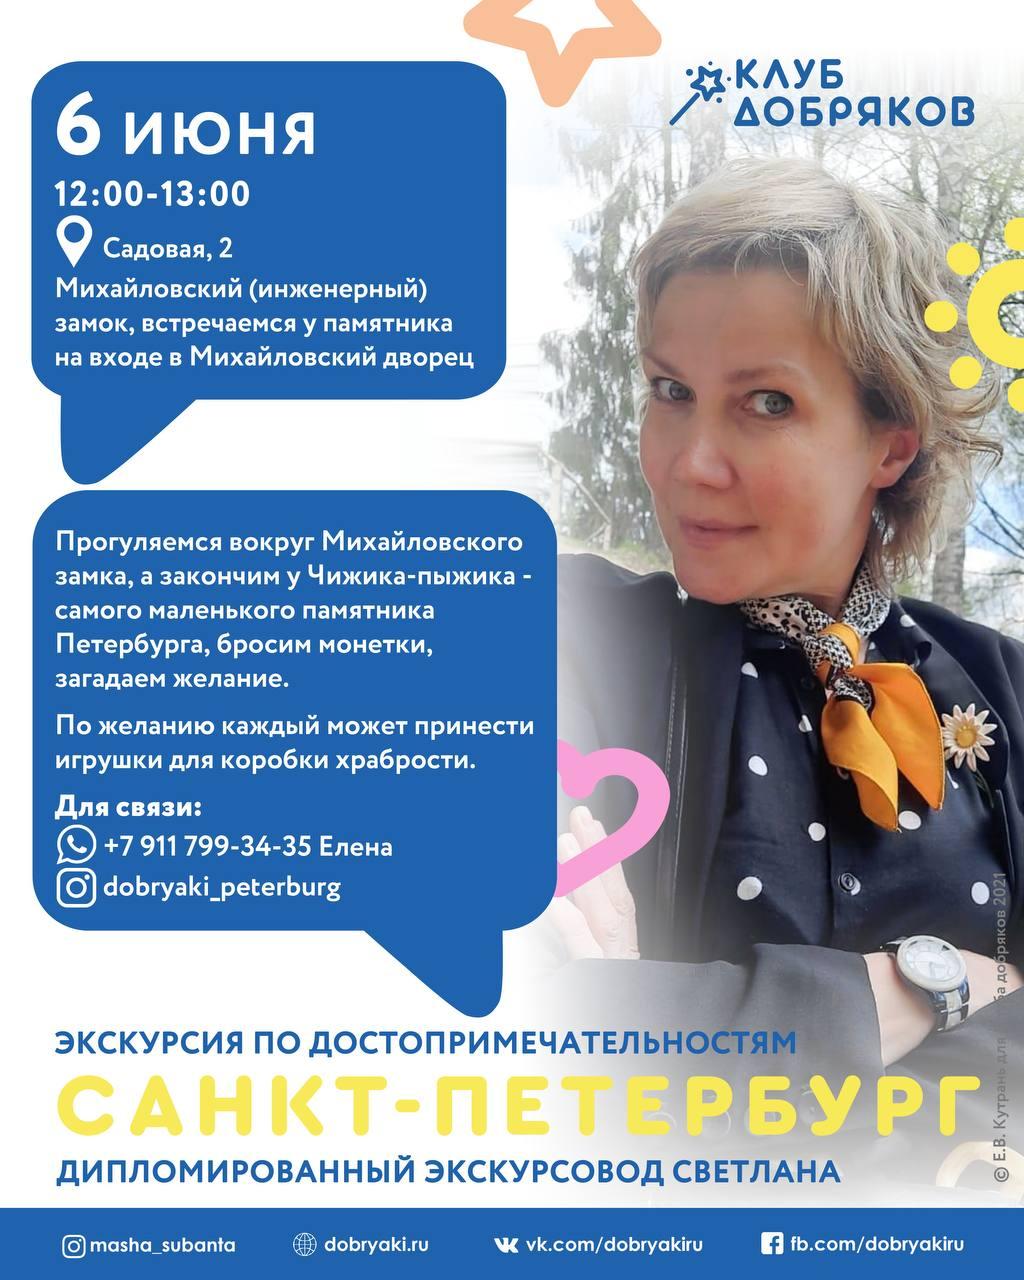 Добряки Петербурга приглашают на экскурсию в Михайловский замок